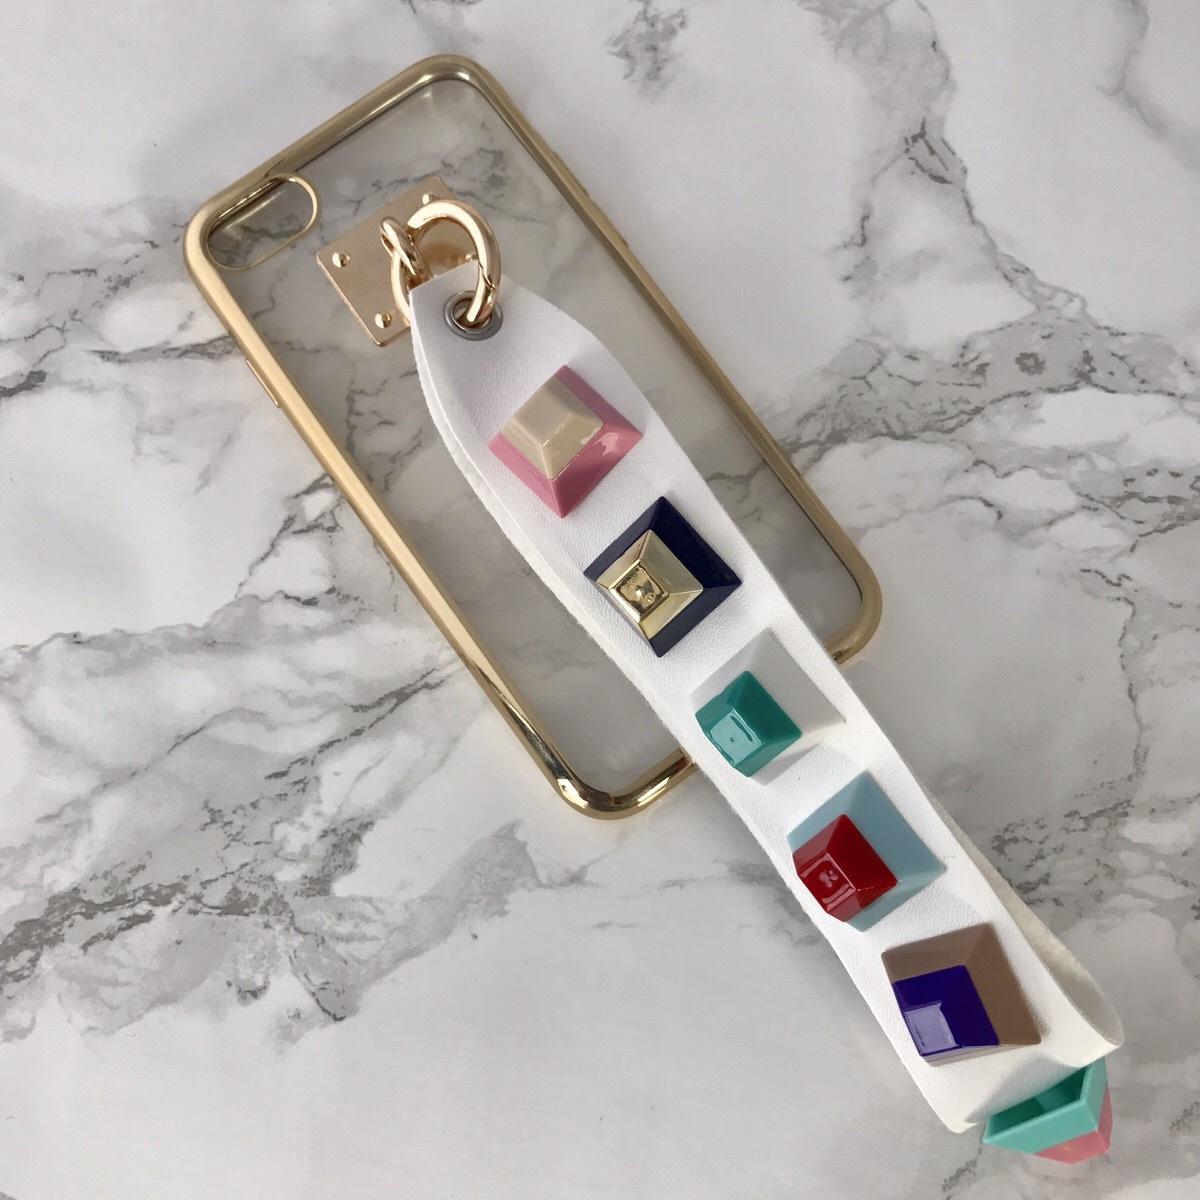 【送料無料】縁ゴールドのソフトケース&レインボースタッズ ストラップ  iPhoneケース